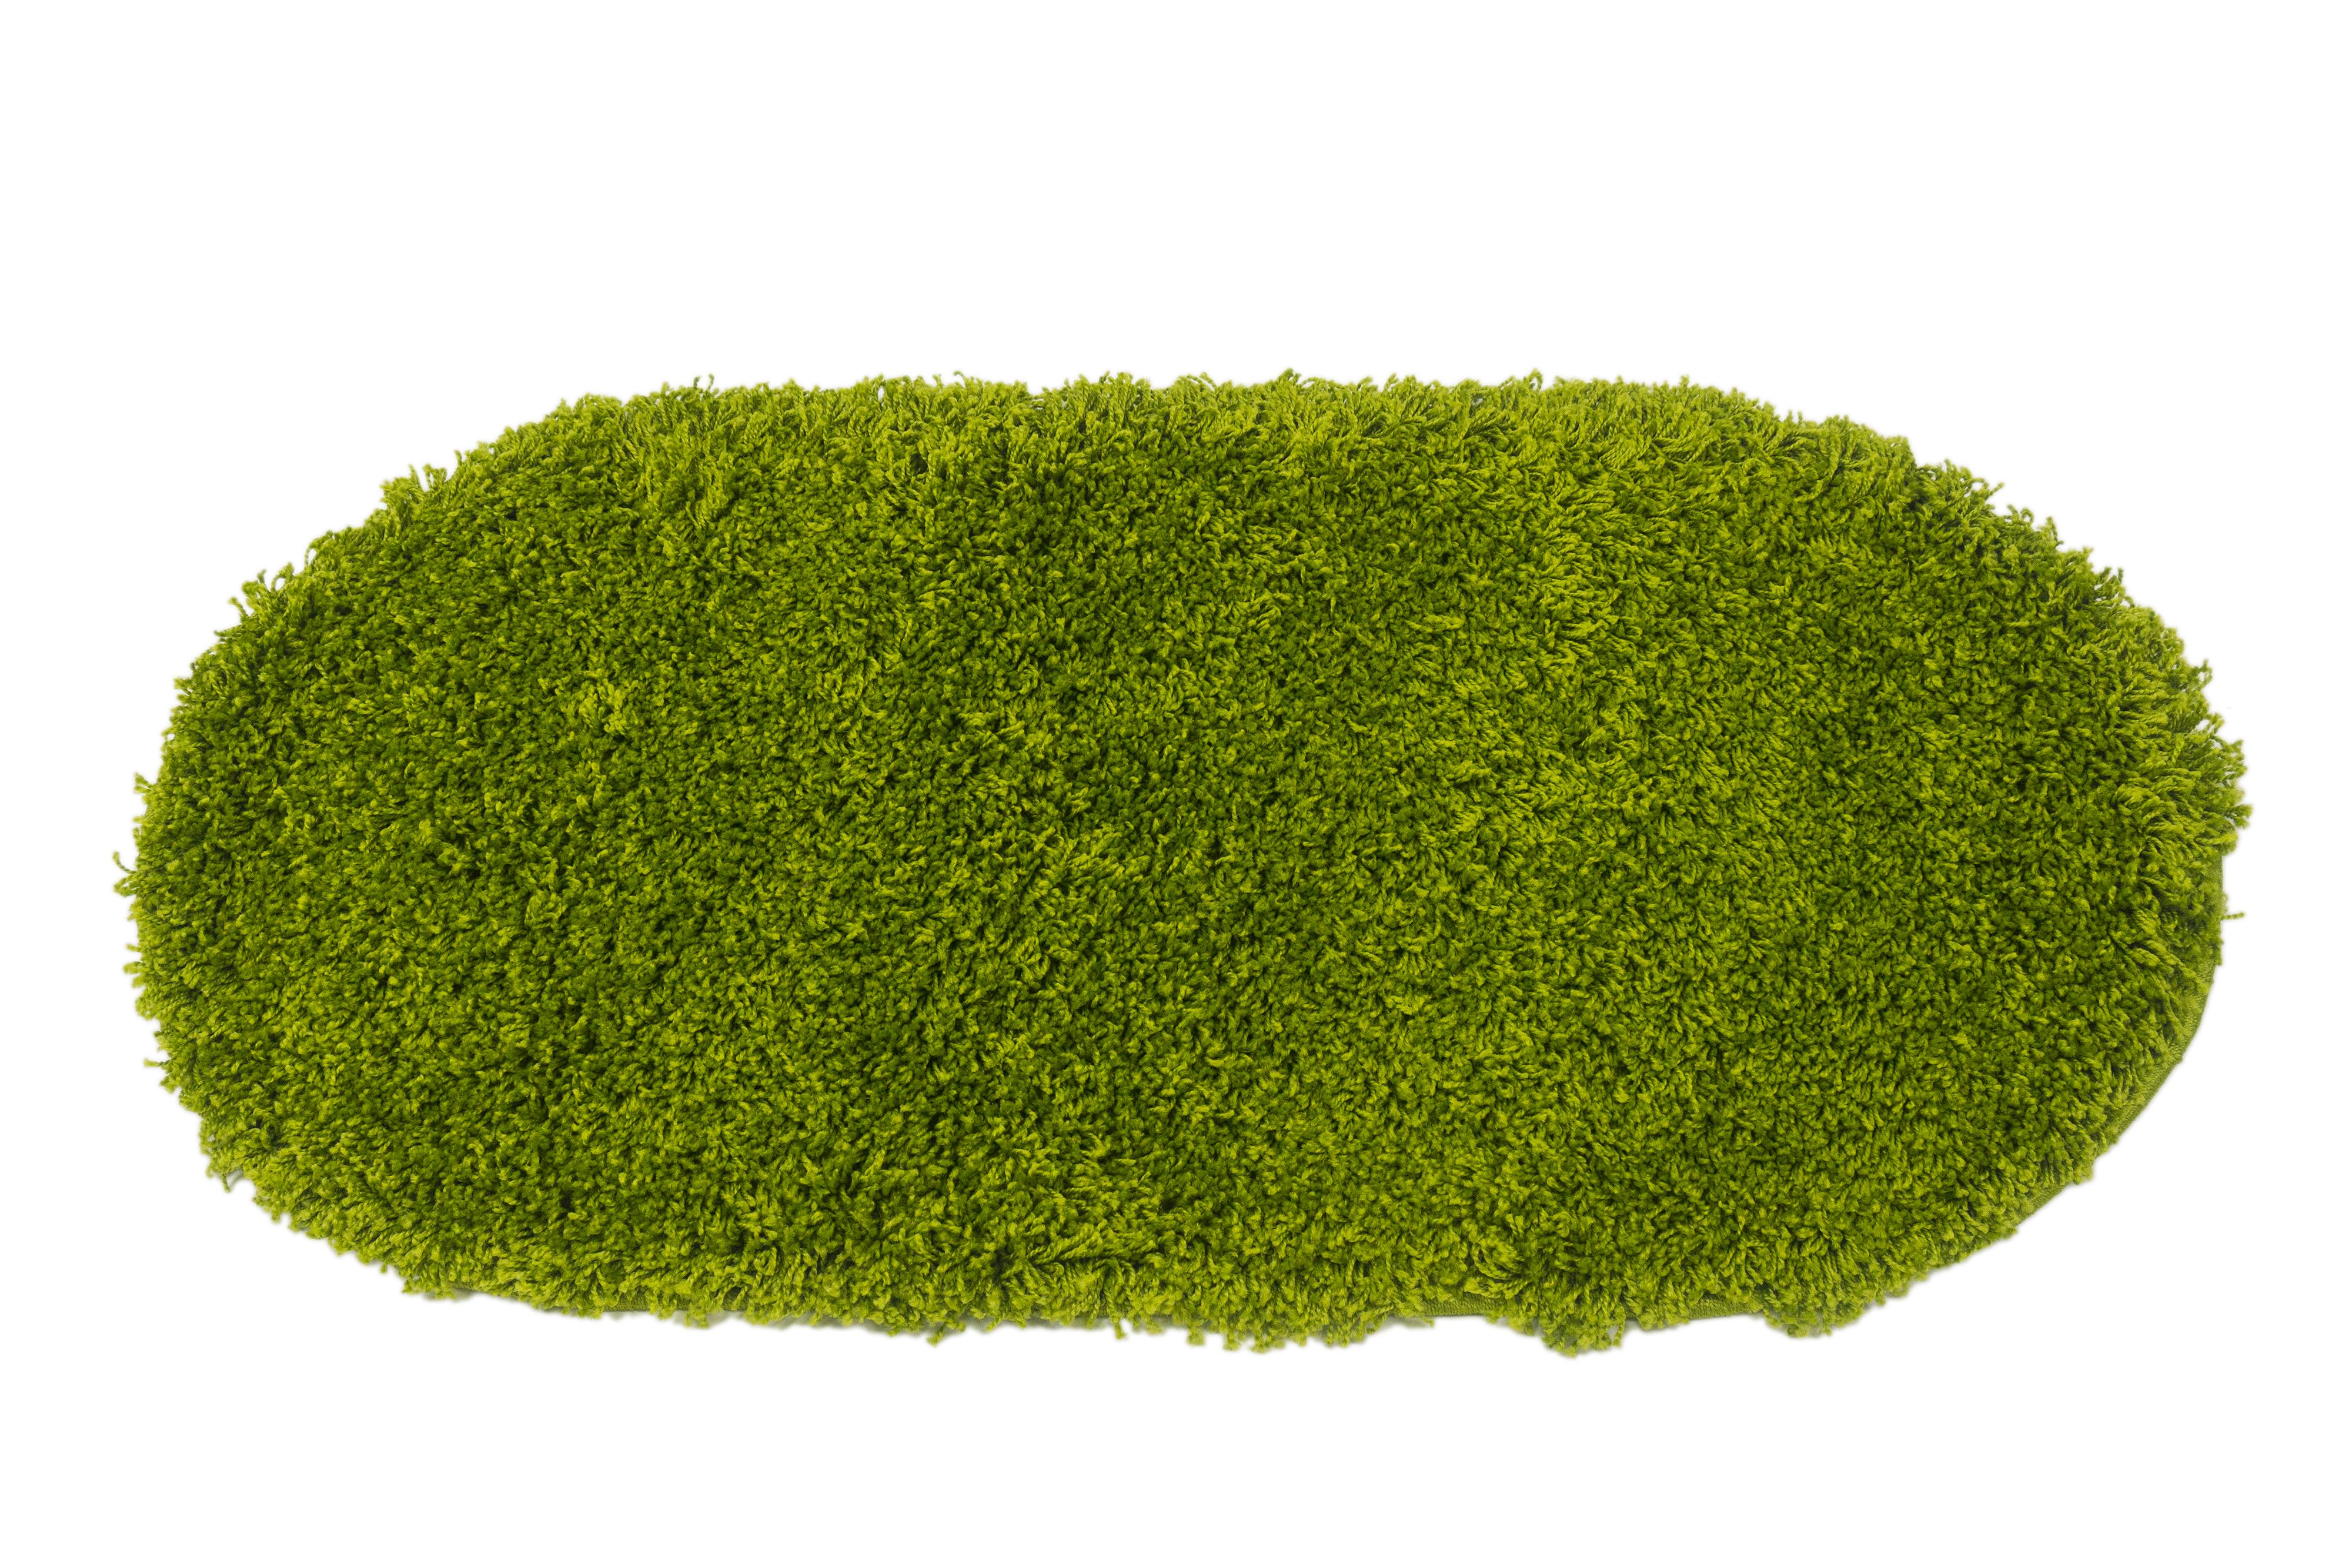 Ковер MADONNA 1.6x3.0м, овал, зеленый